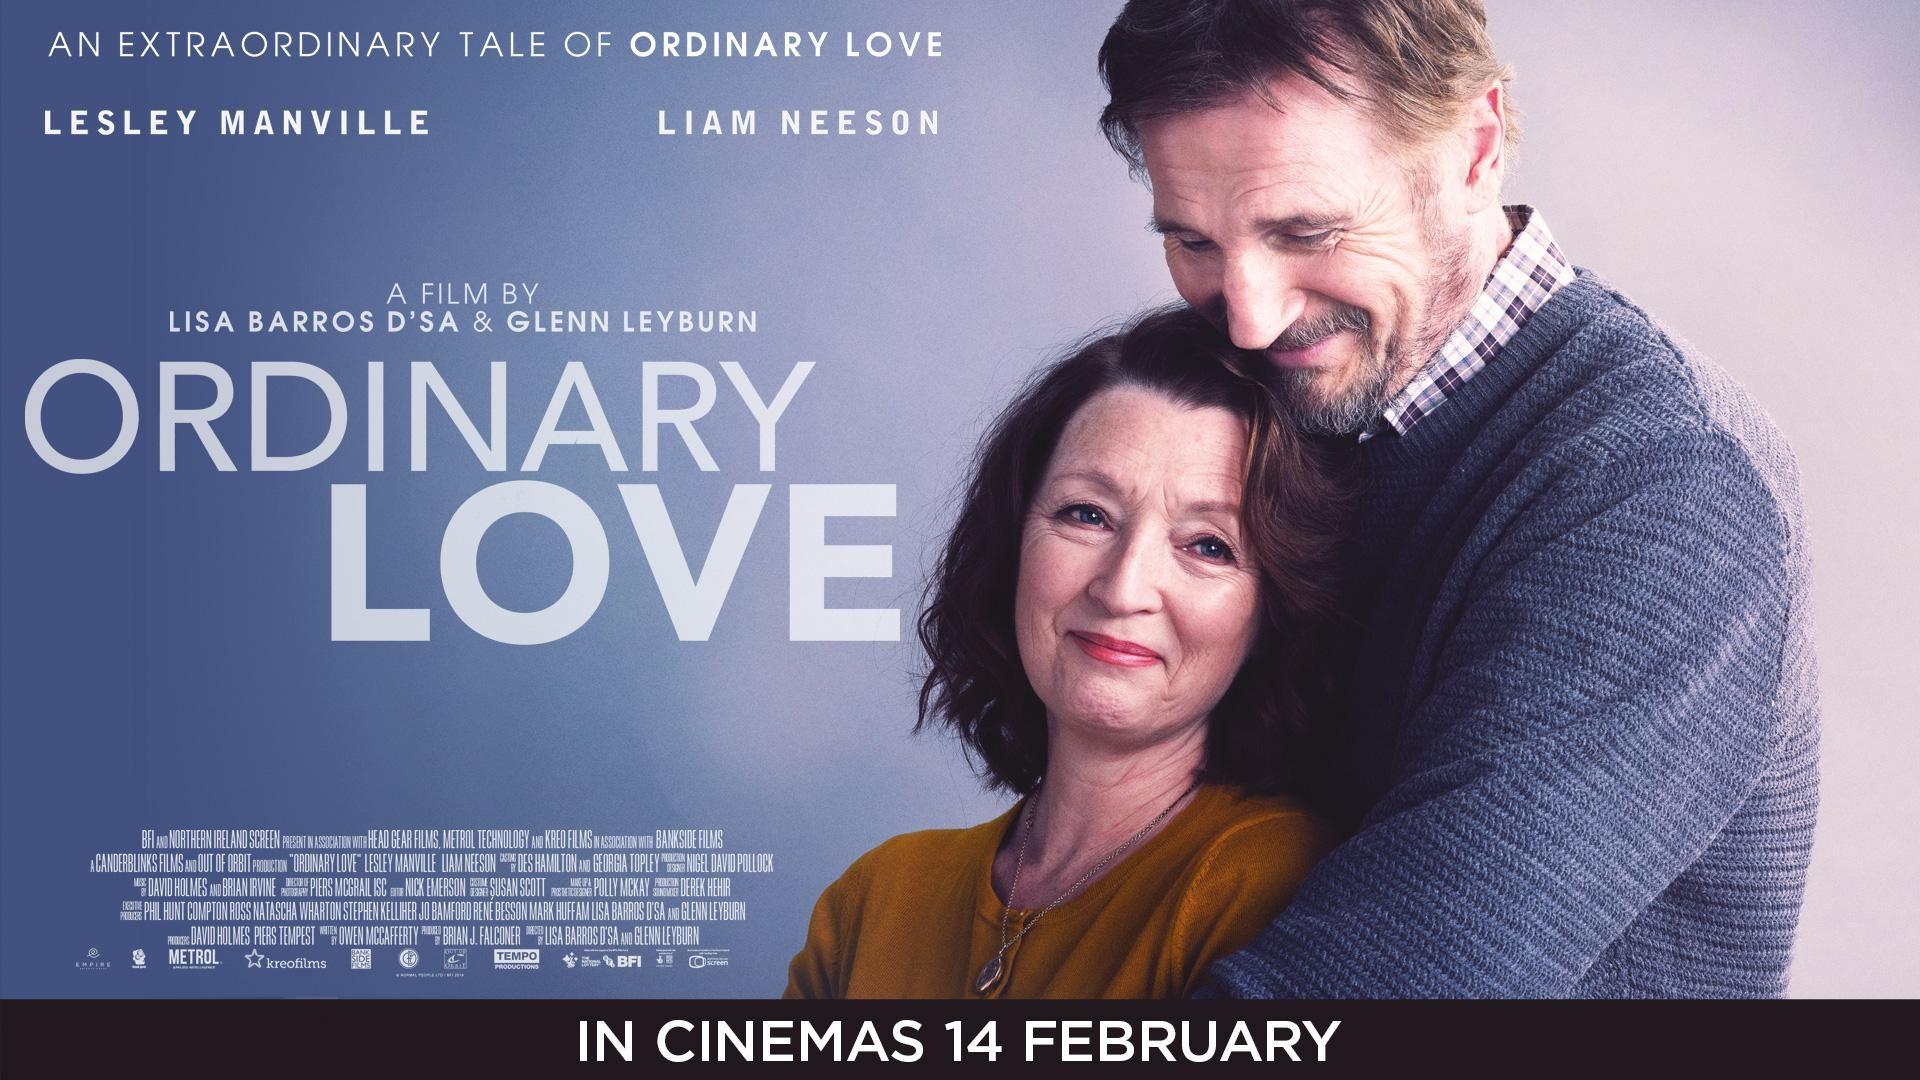 Ordinary Love | Movie info, Liam neeson, Manville